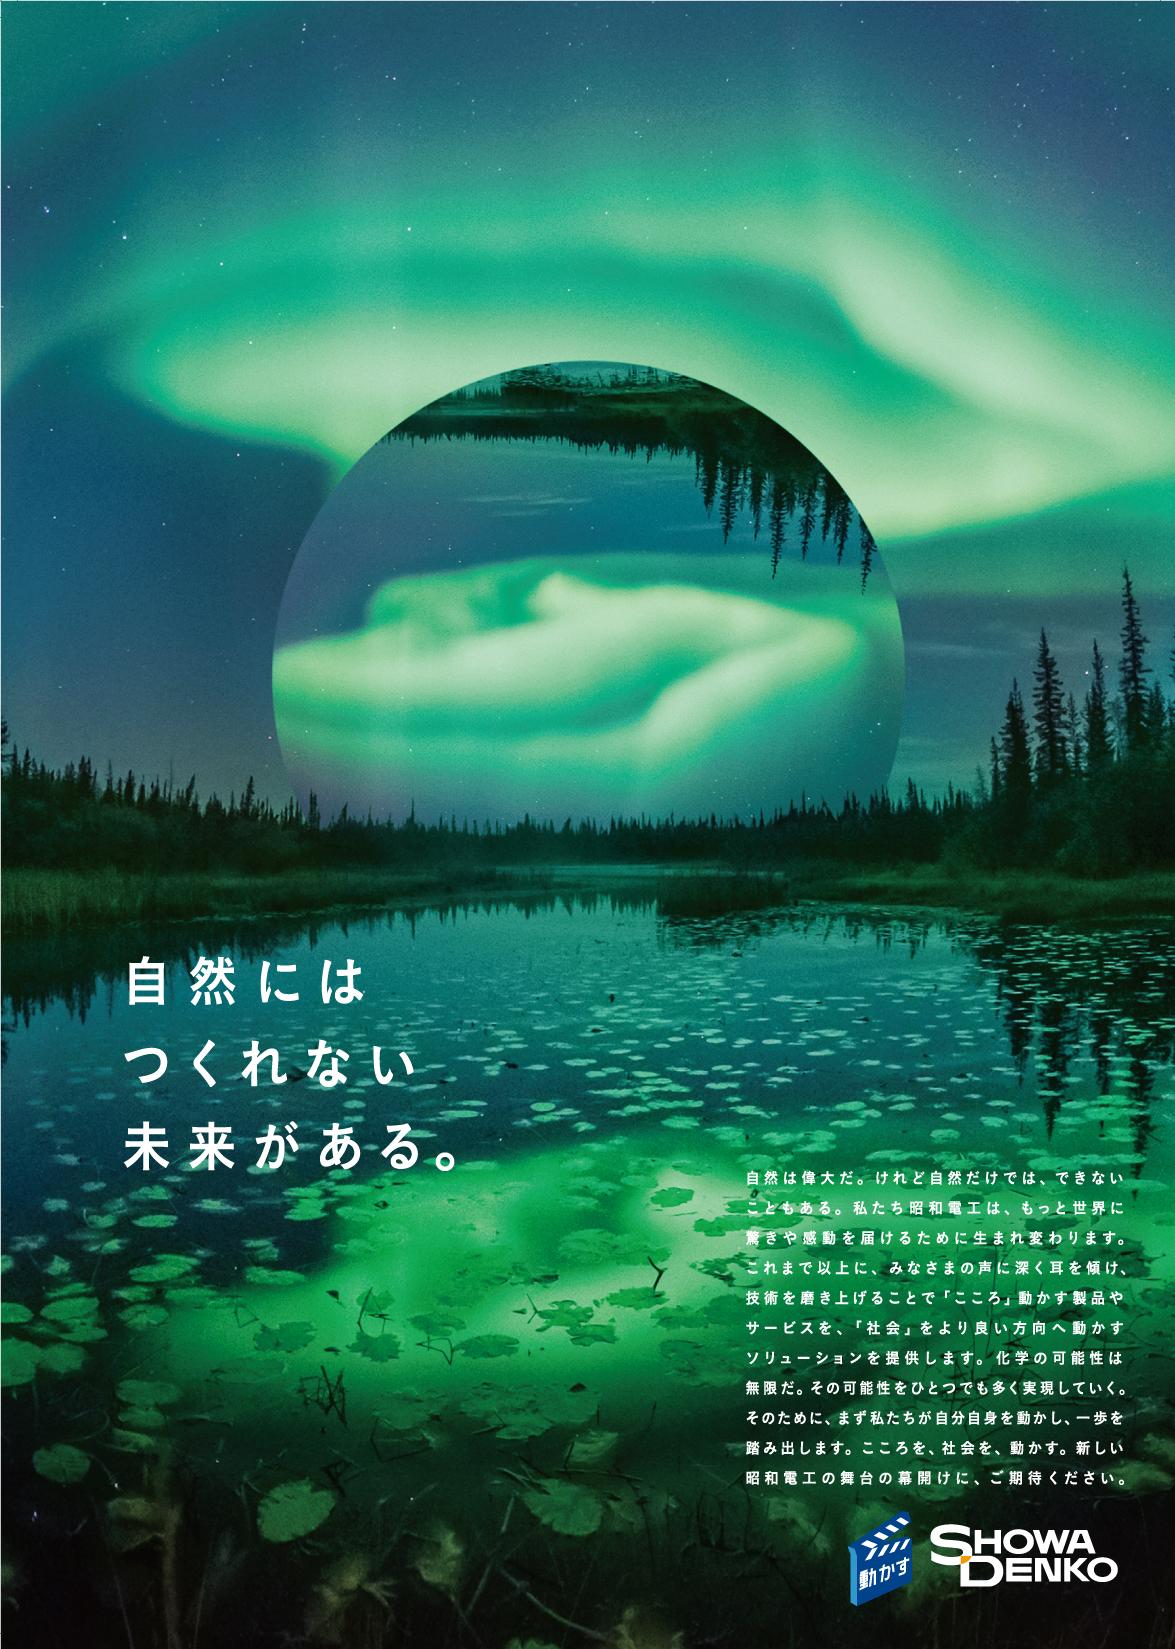 化学式_広告ライブラリー | 会社情報 | 昭和電工株式会社